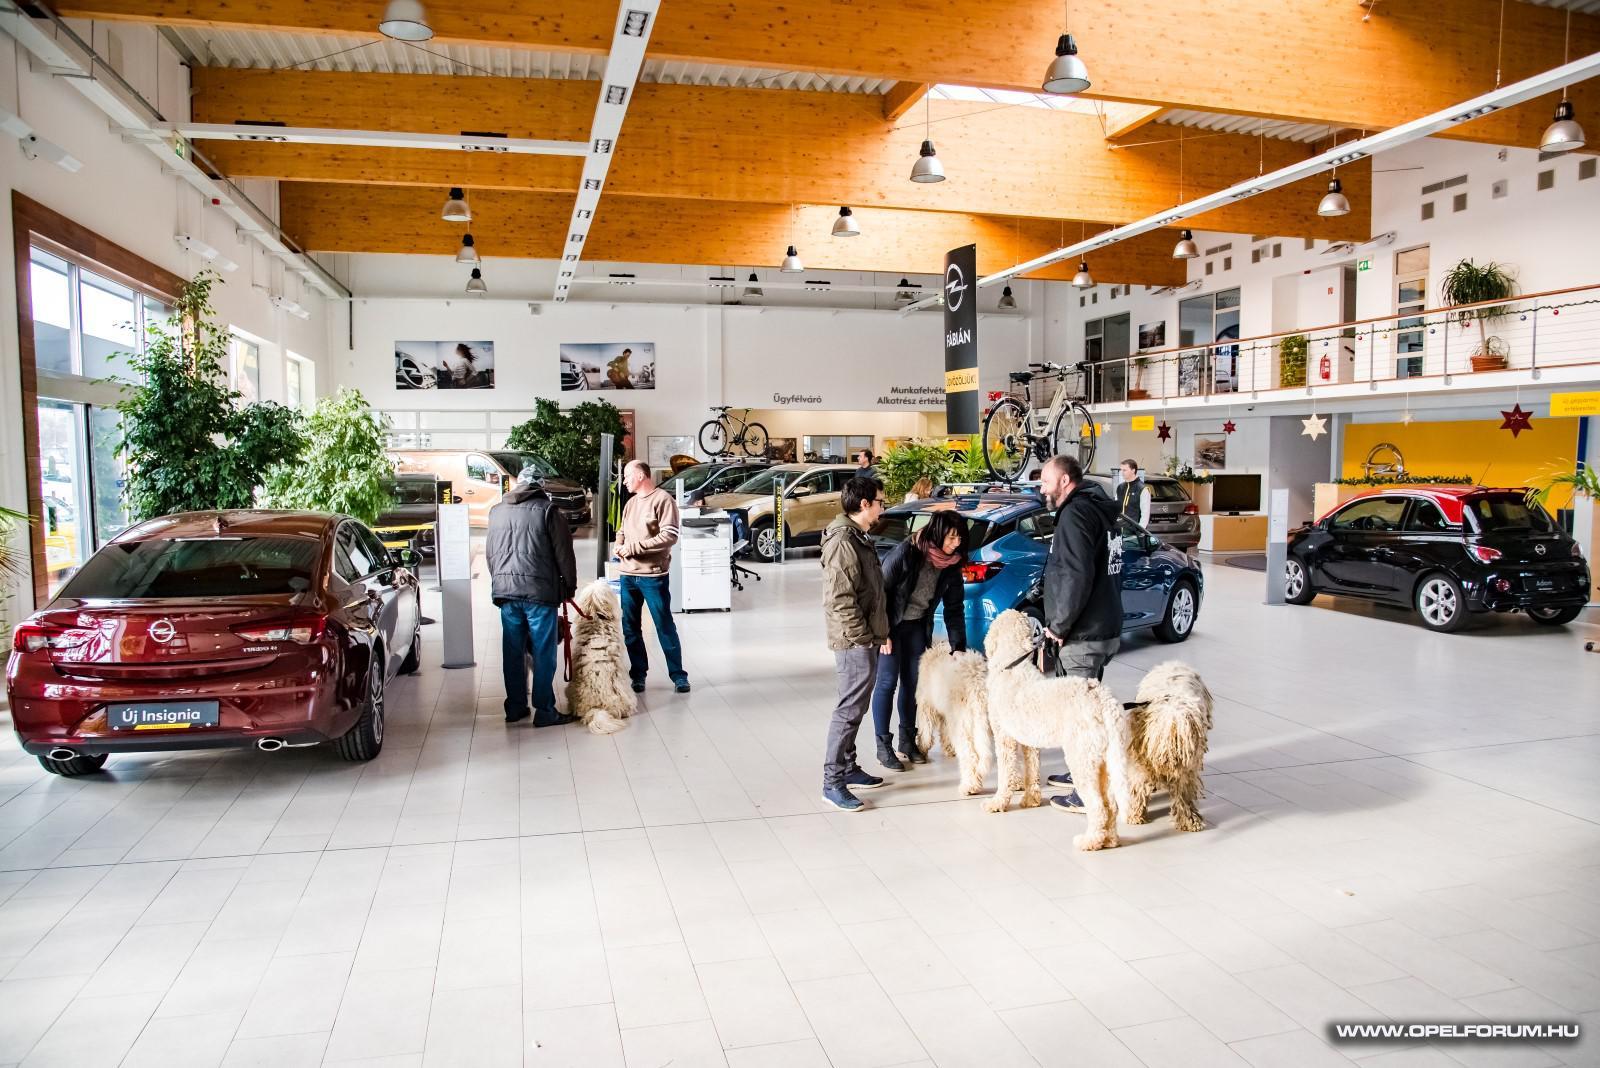 MOTE karácsony, Opel találkozó az Opel Fábiánban